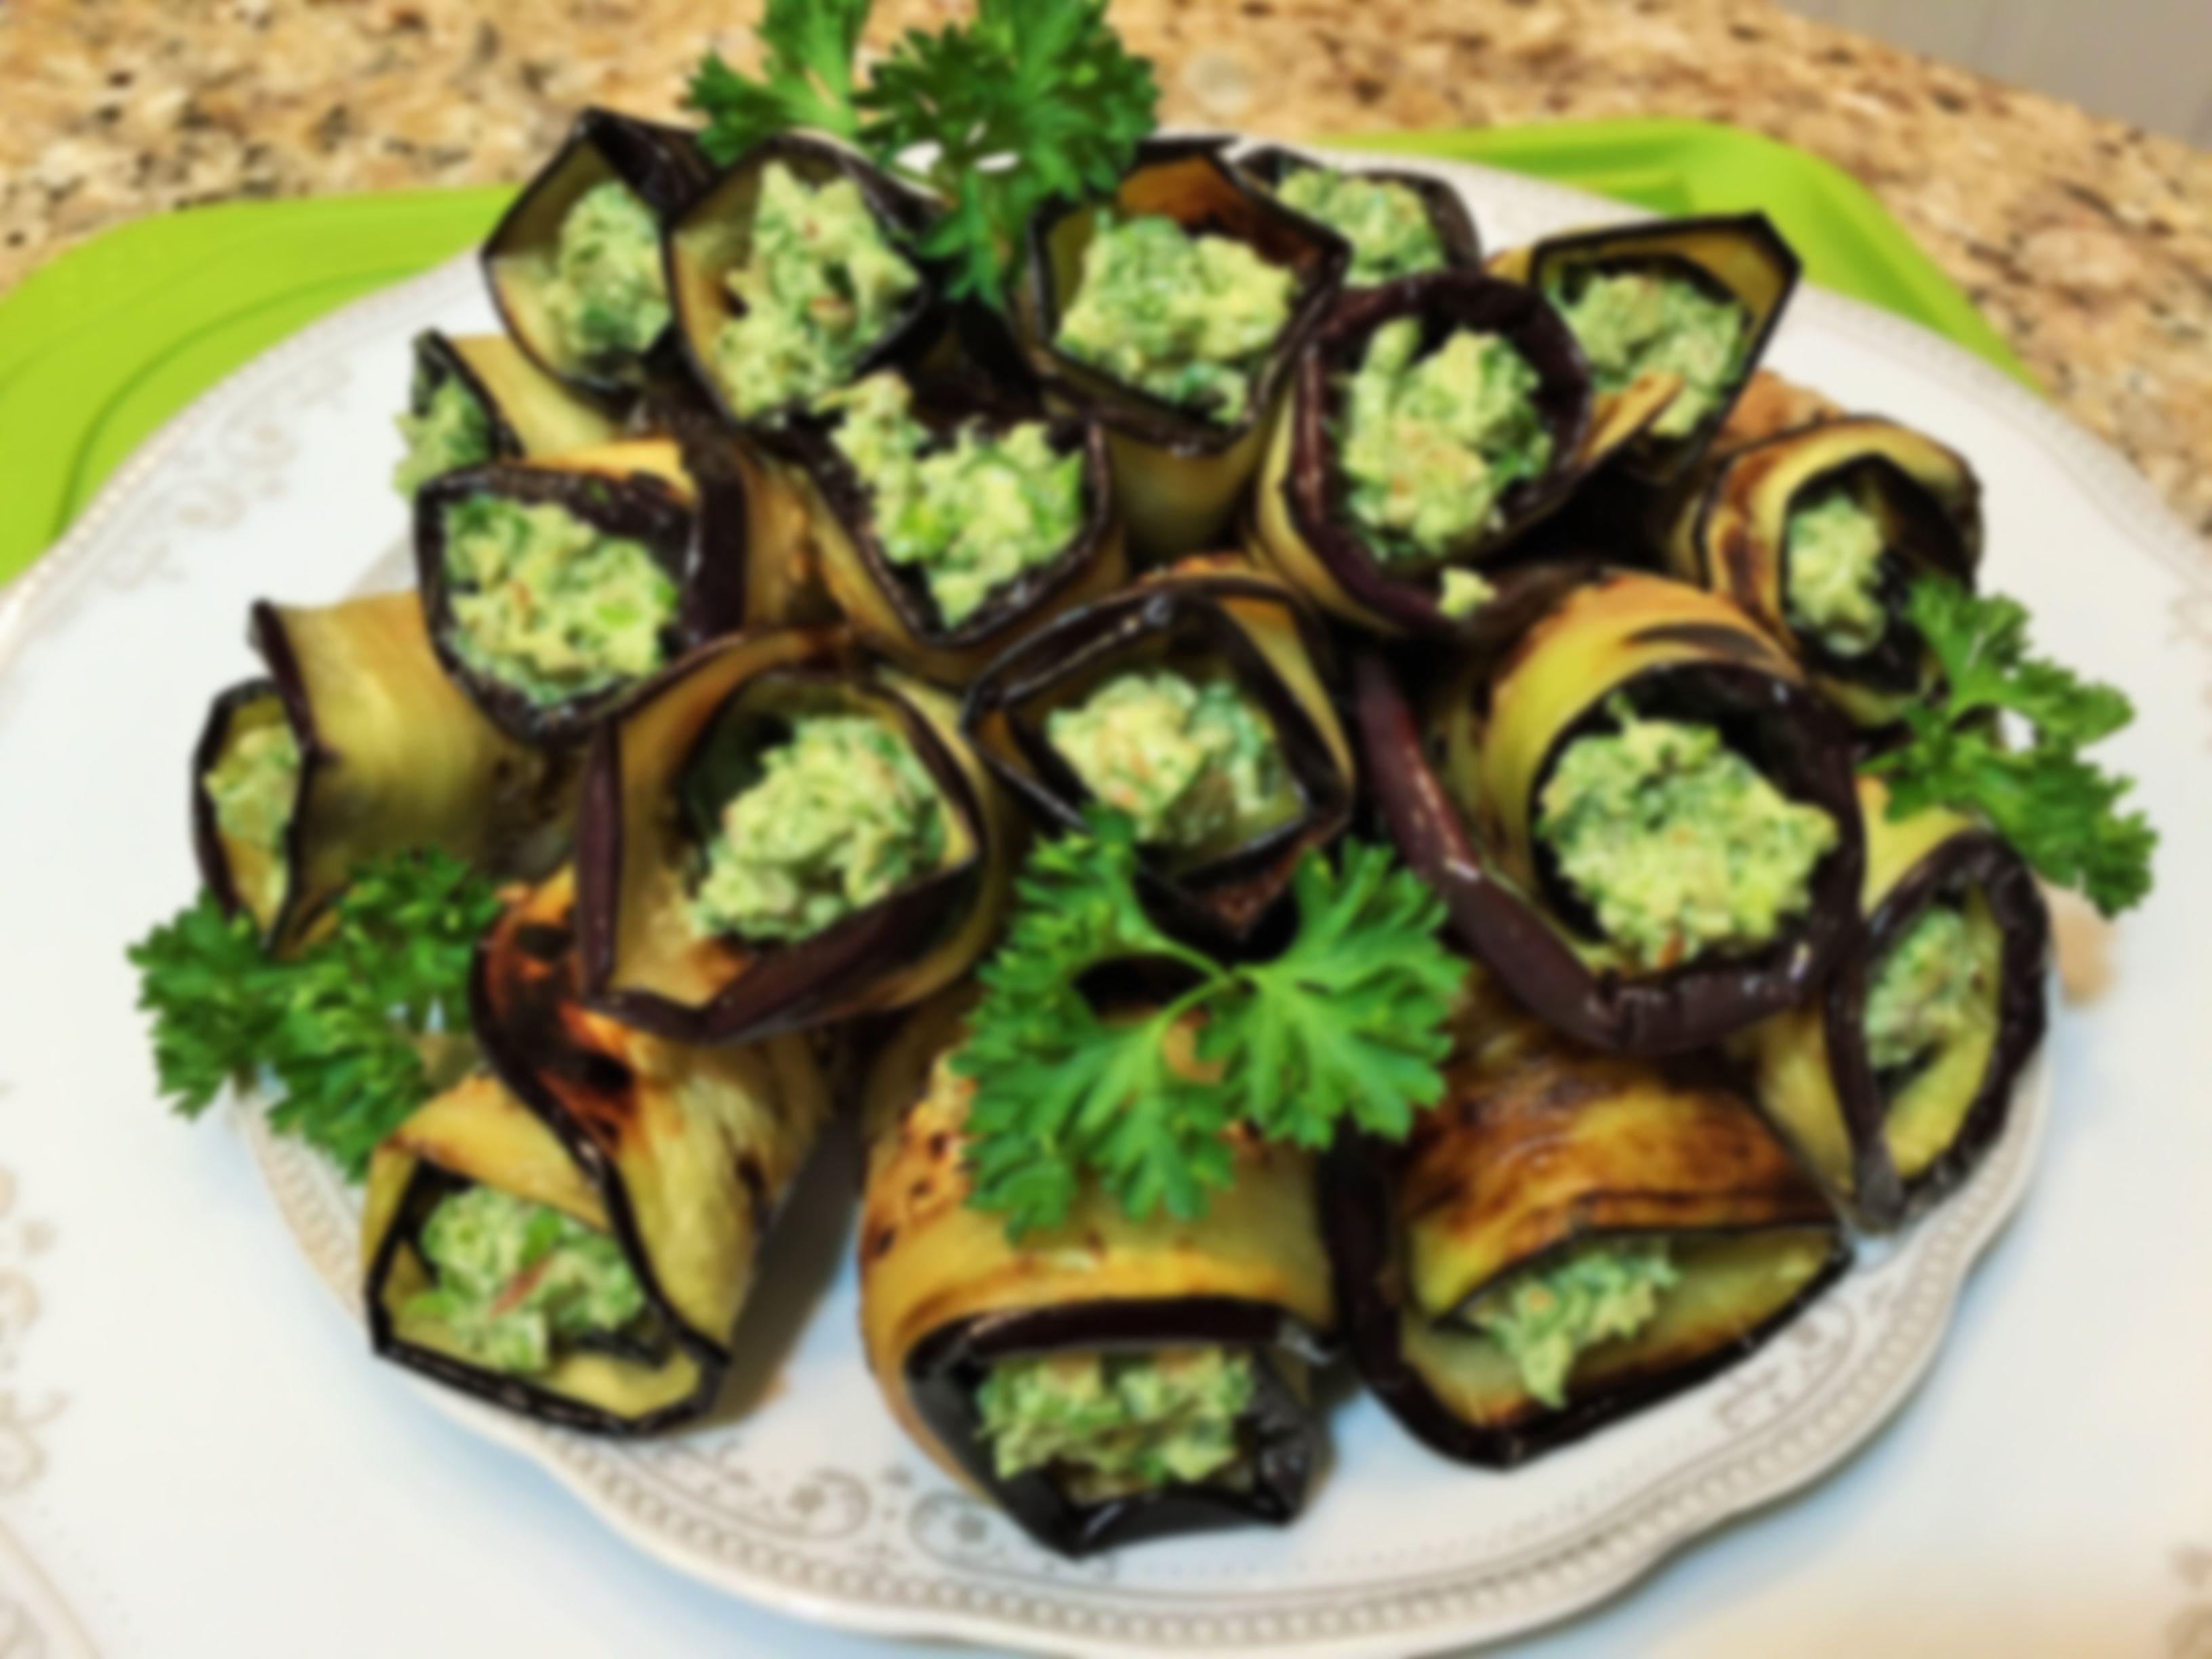 праздничные закуски из овощей с фото проекте